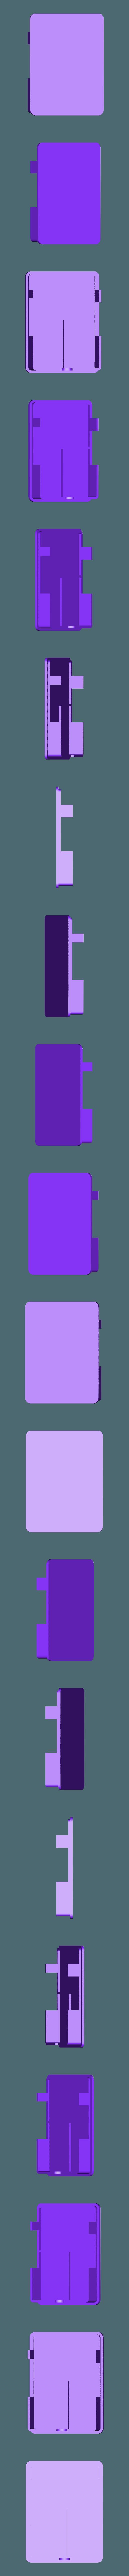 Cap.stl Télécharger fichier STL gratuit Capteur à filament • Design à imprimer en 3D, jeek25